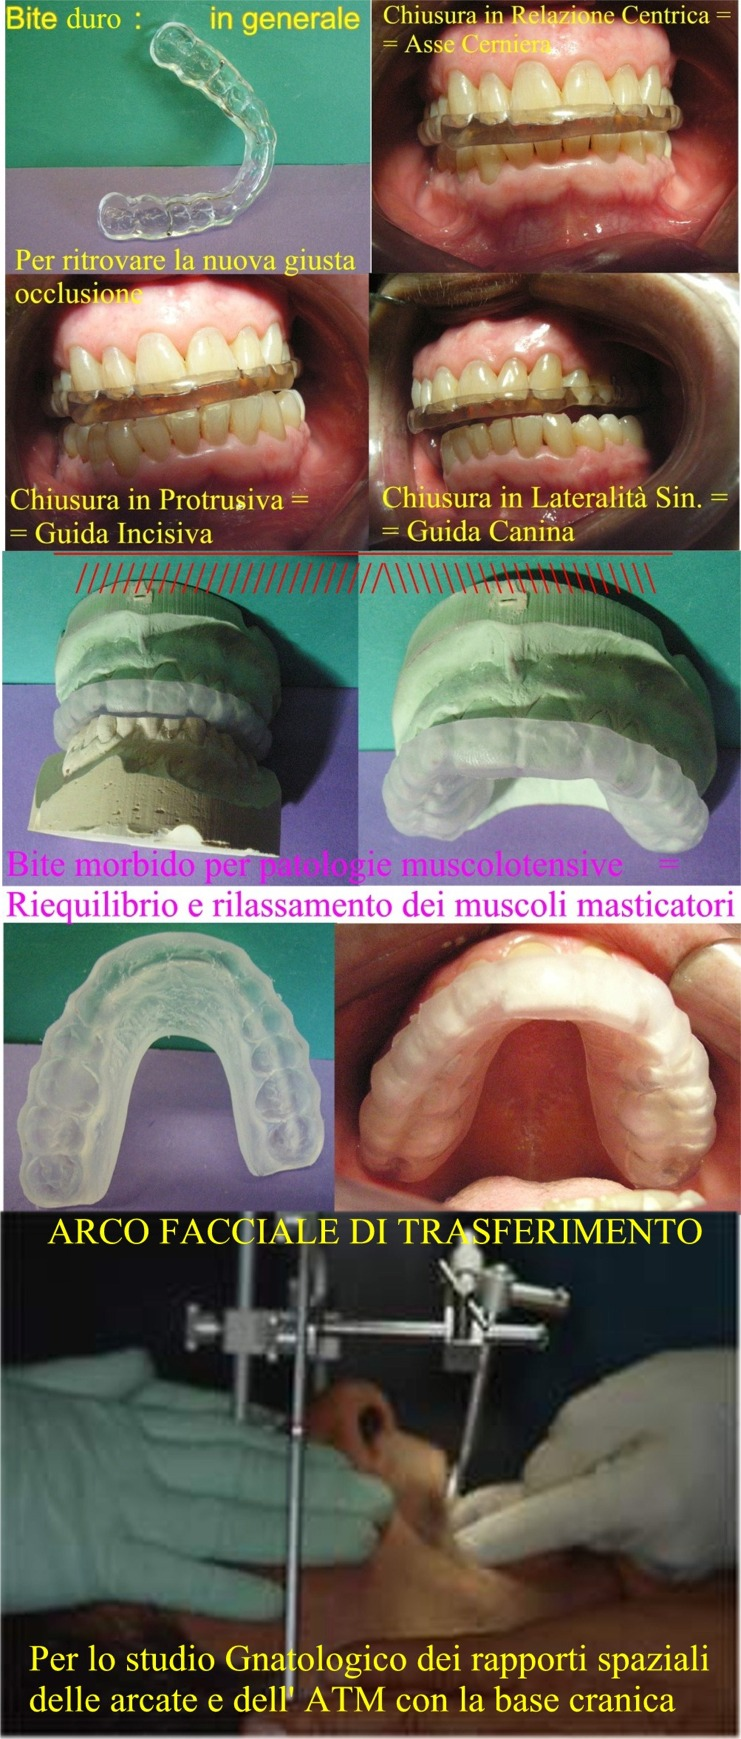 Diversi tipi di Bite e Arco Facciale di Trasferimento. Da casistica Gnatologica del Dr. Gustavo Petti Gnatologo Parodontologo di Cagliari